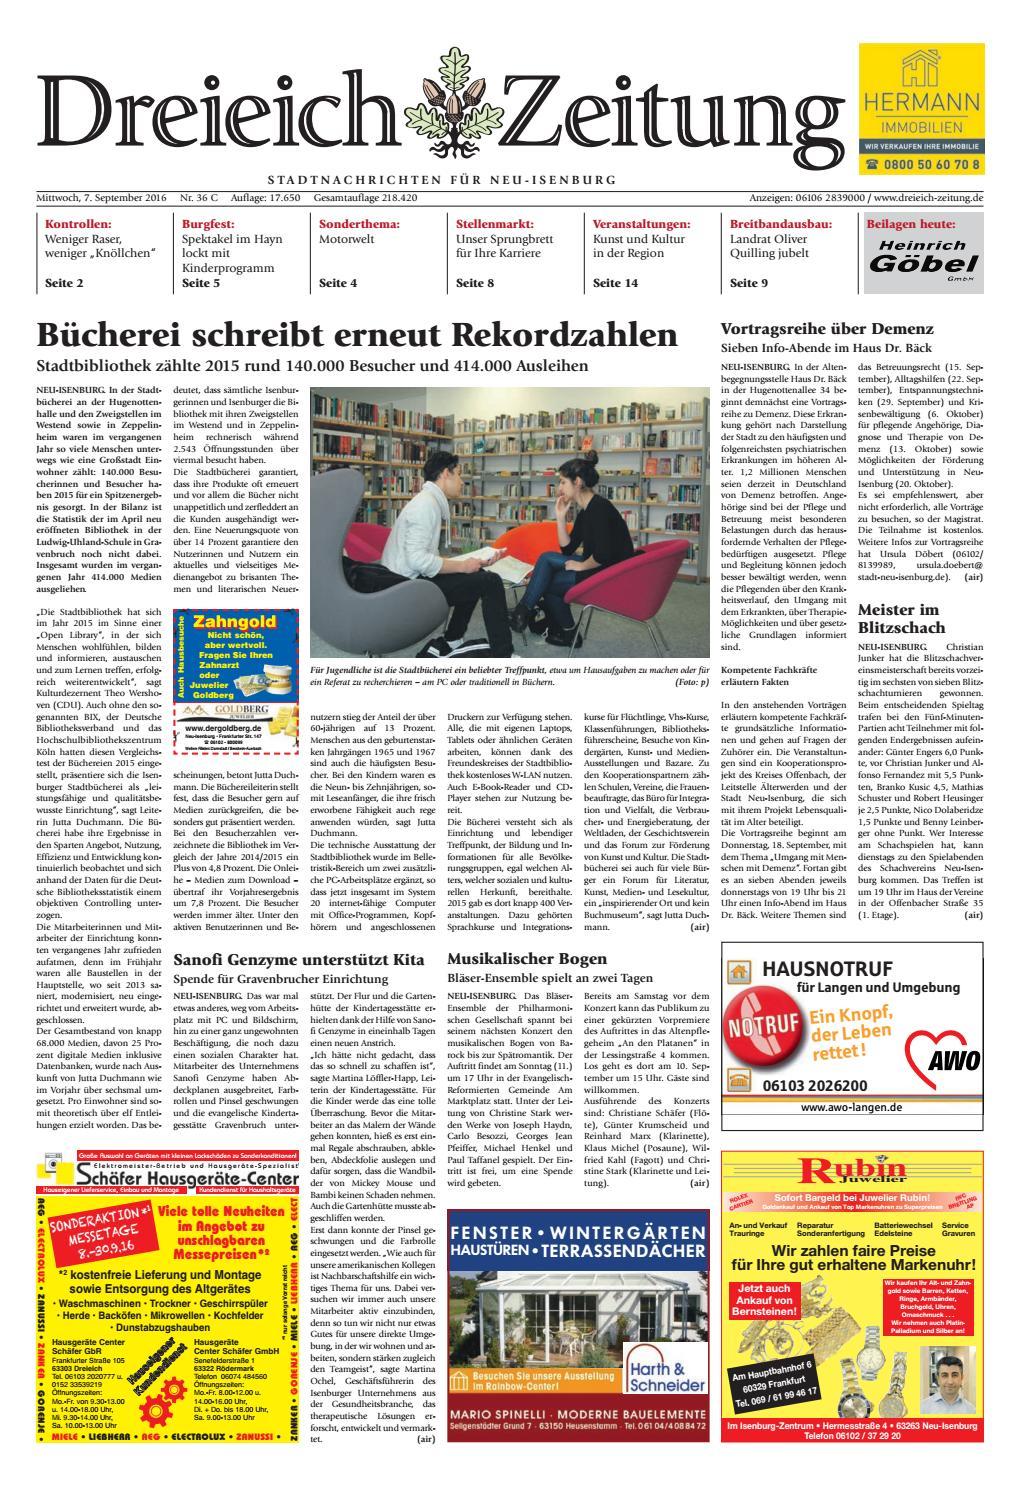 Dz Online 036 16 C By Dreieich Zeitung Offenbach Journal Issuu